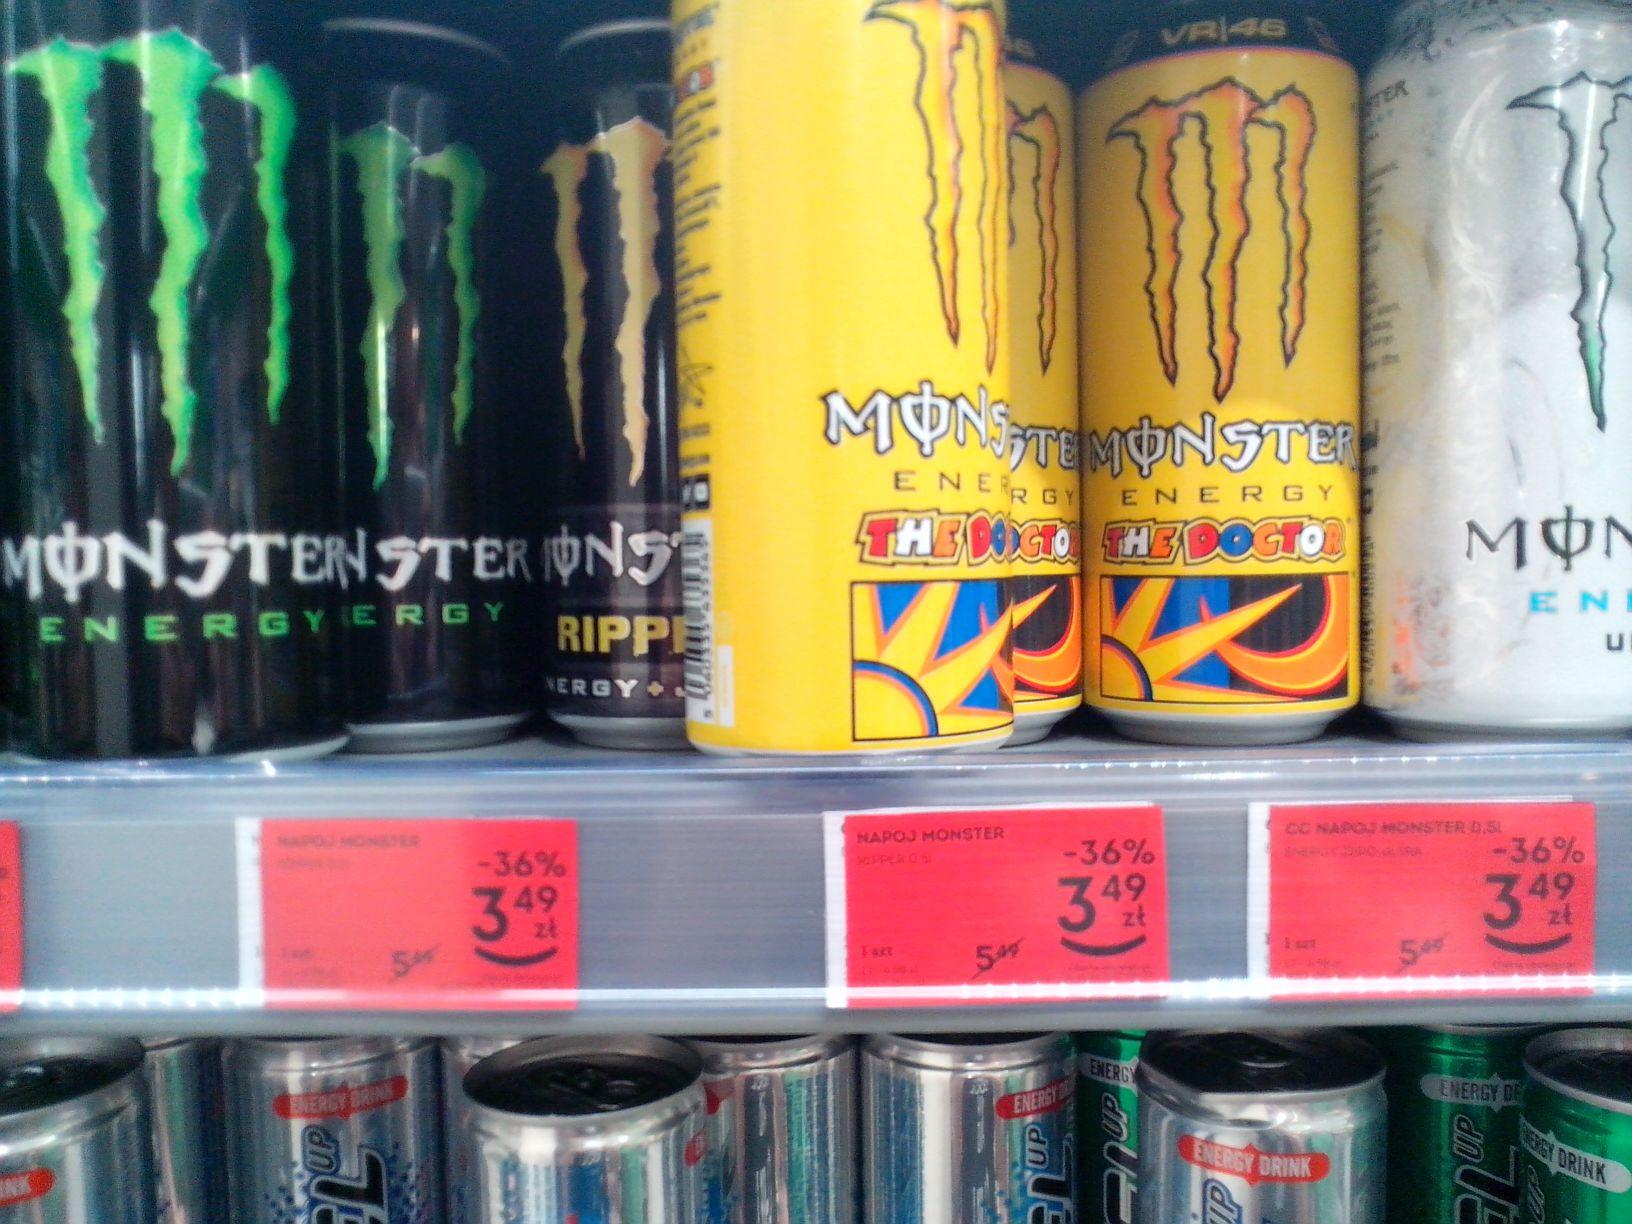 Napój Monster (różne smaki) @Żabka